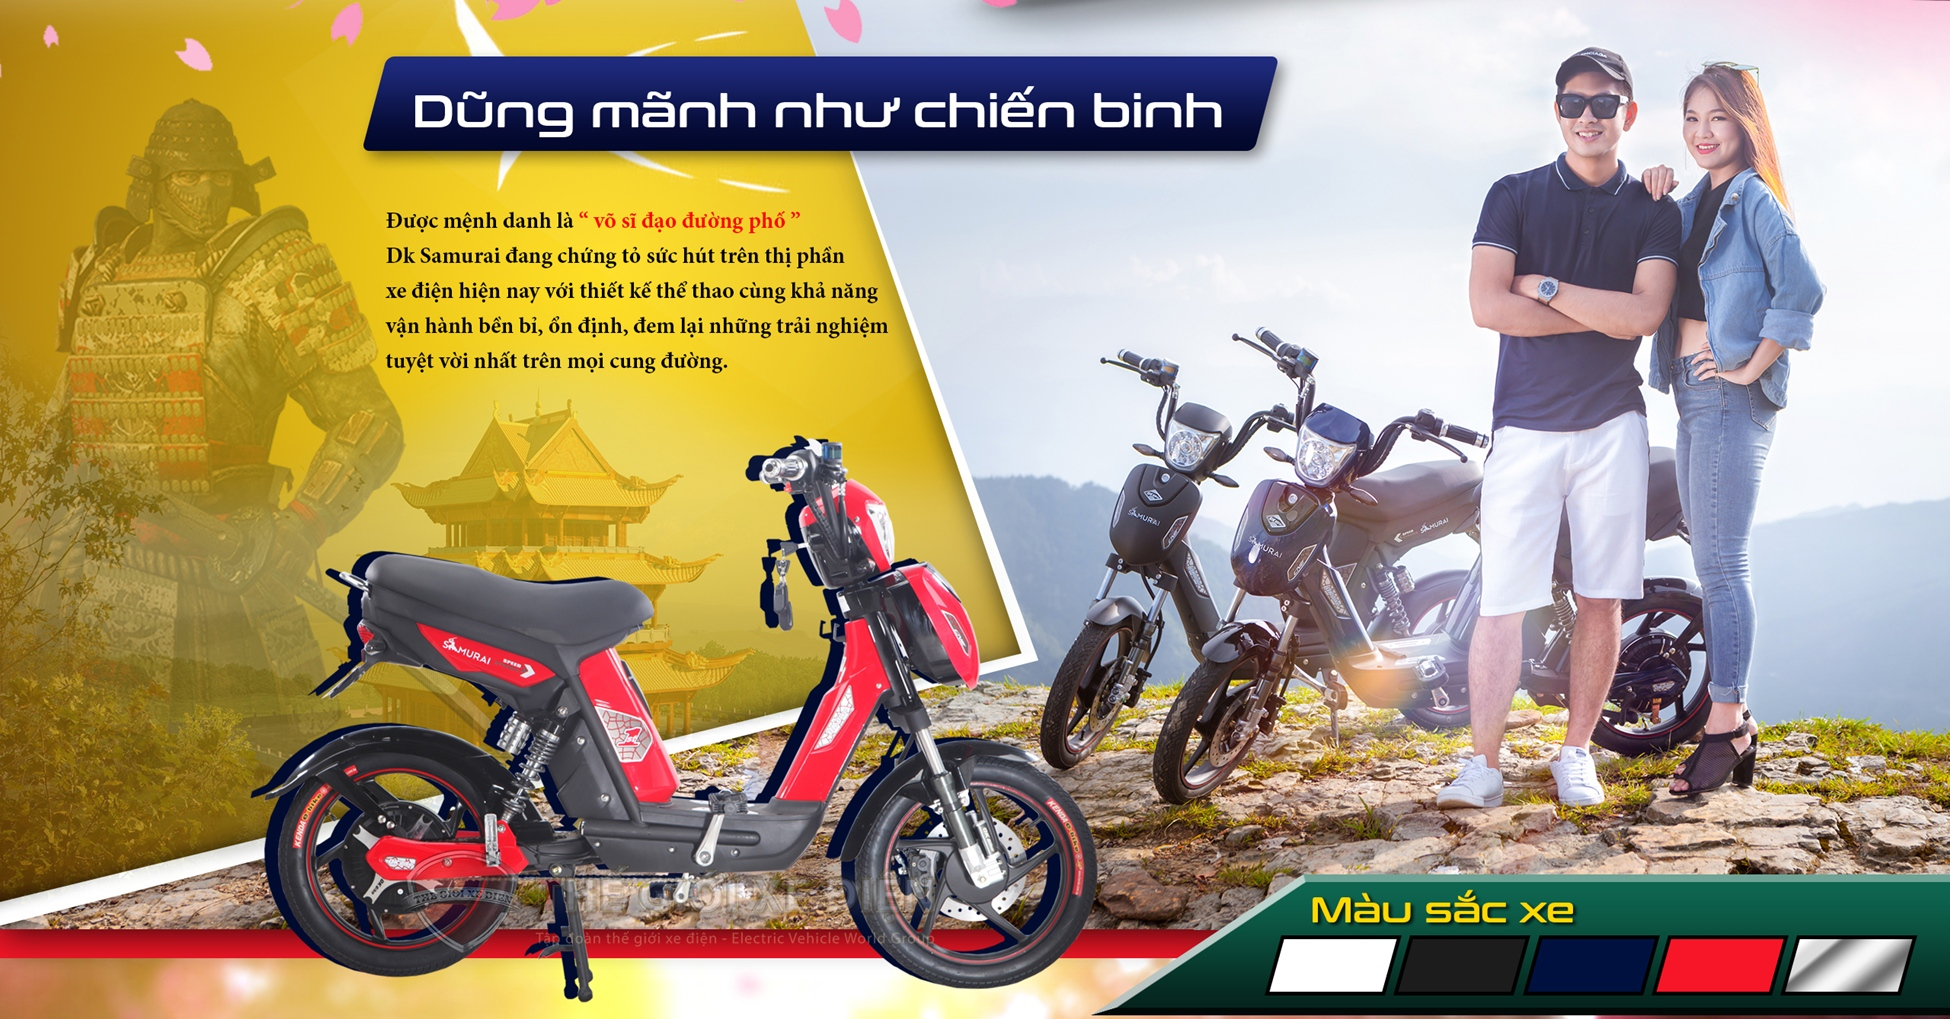 Một số đặc điểm của dòng xe đạp điện DK Samurai 2018